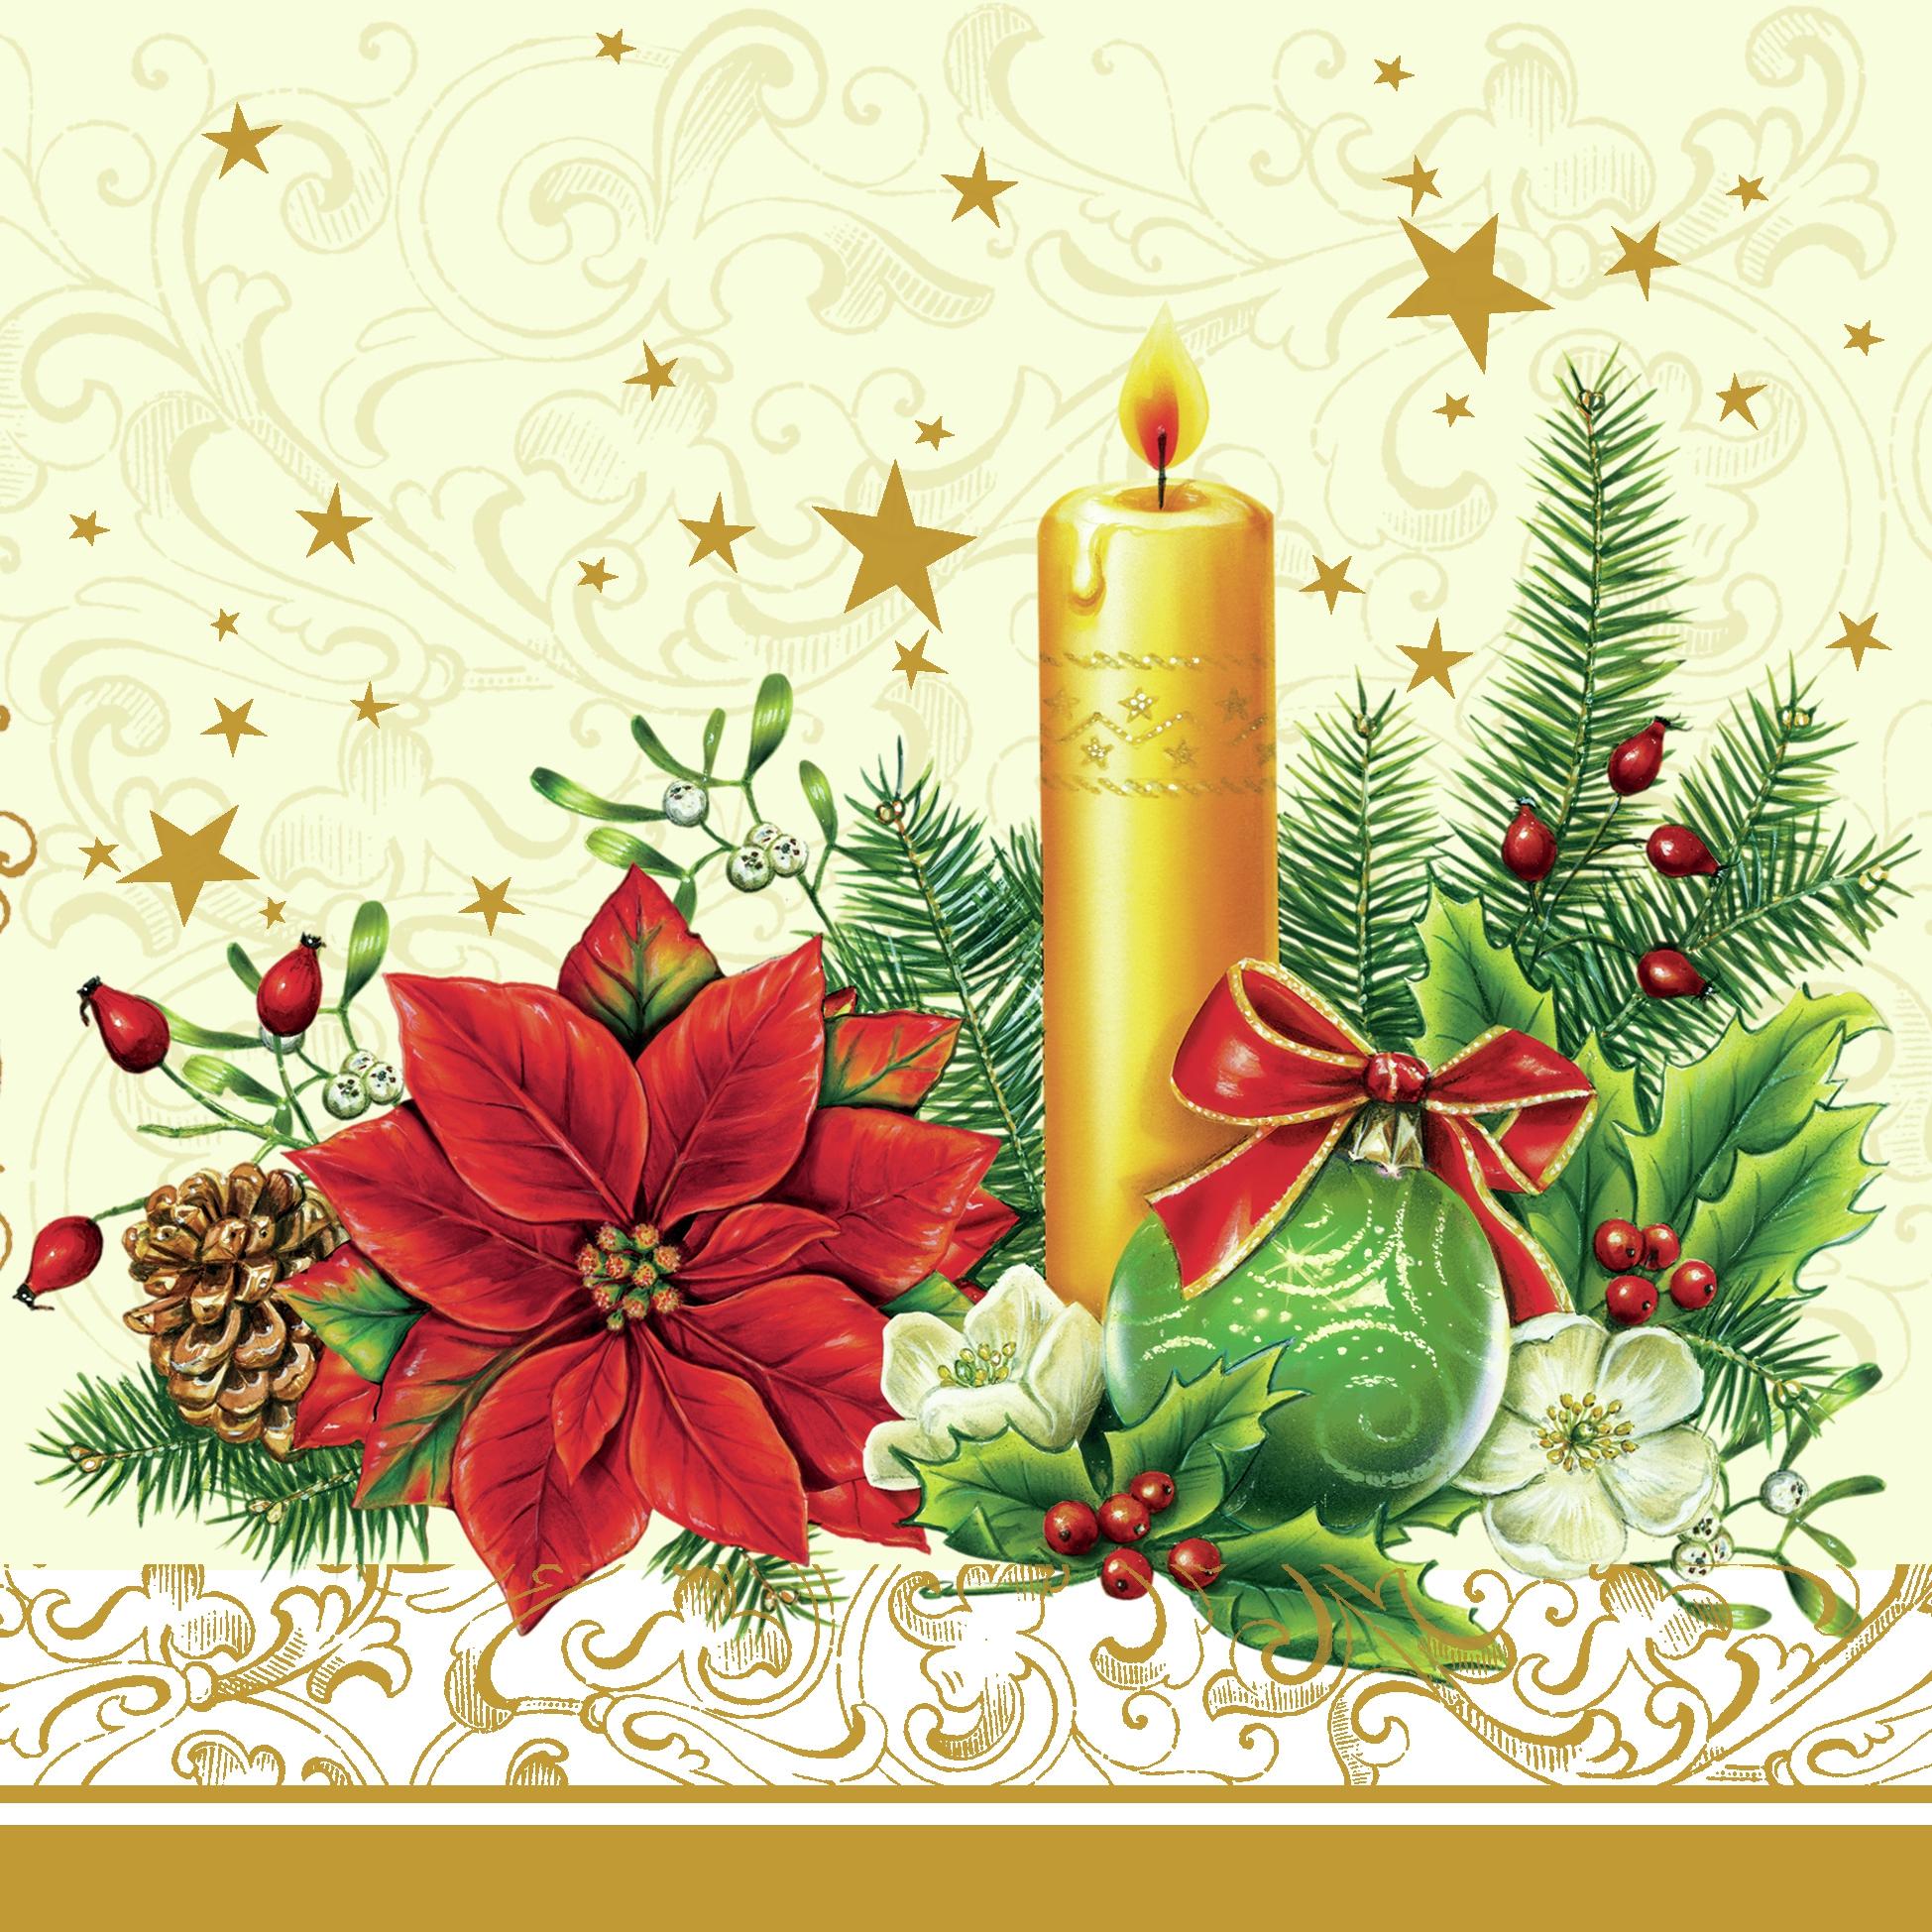 Lunch Servietten xmas candle cream,  Blumen - Christrosen,  Weihnachten - Kerzen,  Weihnachten - Weihnachtsstern,  Weihnachten,  lunchservietten